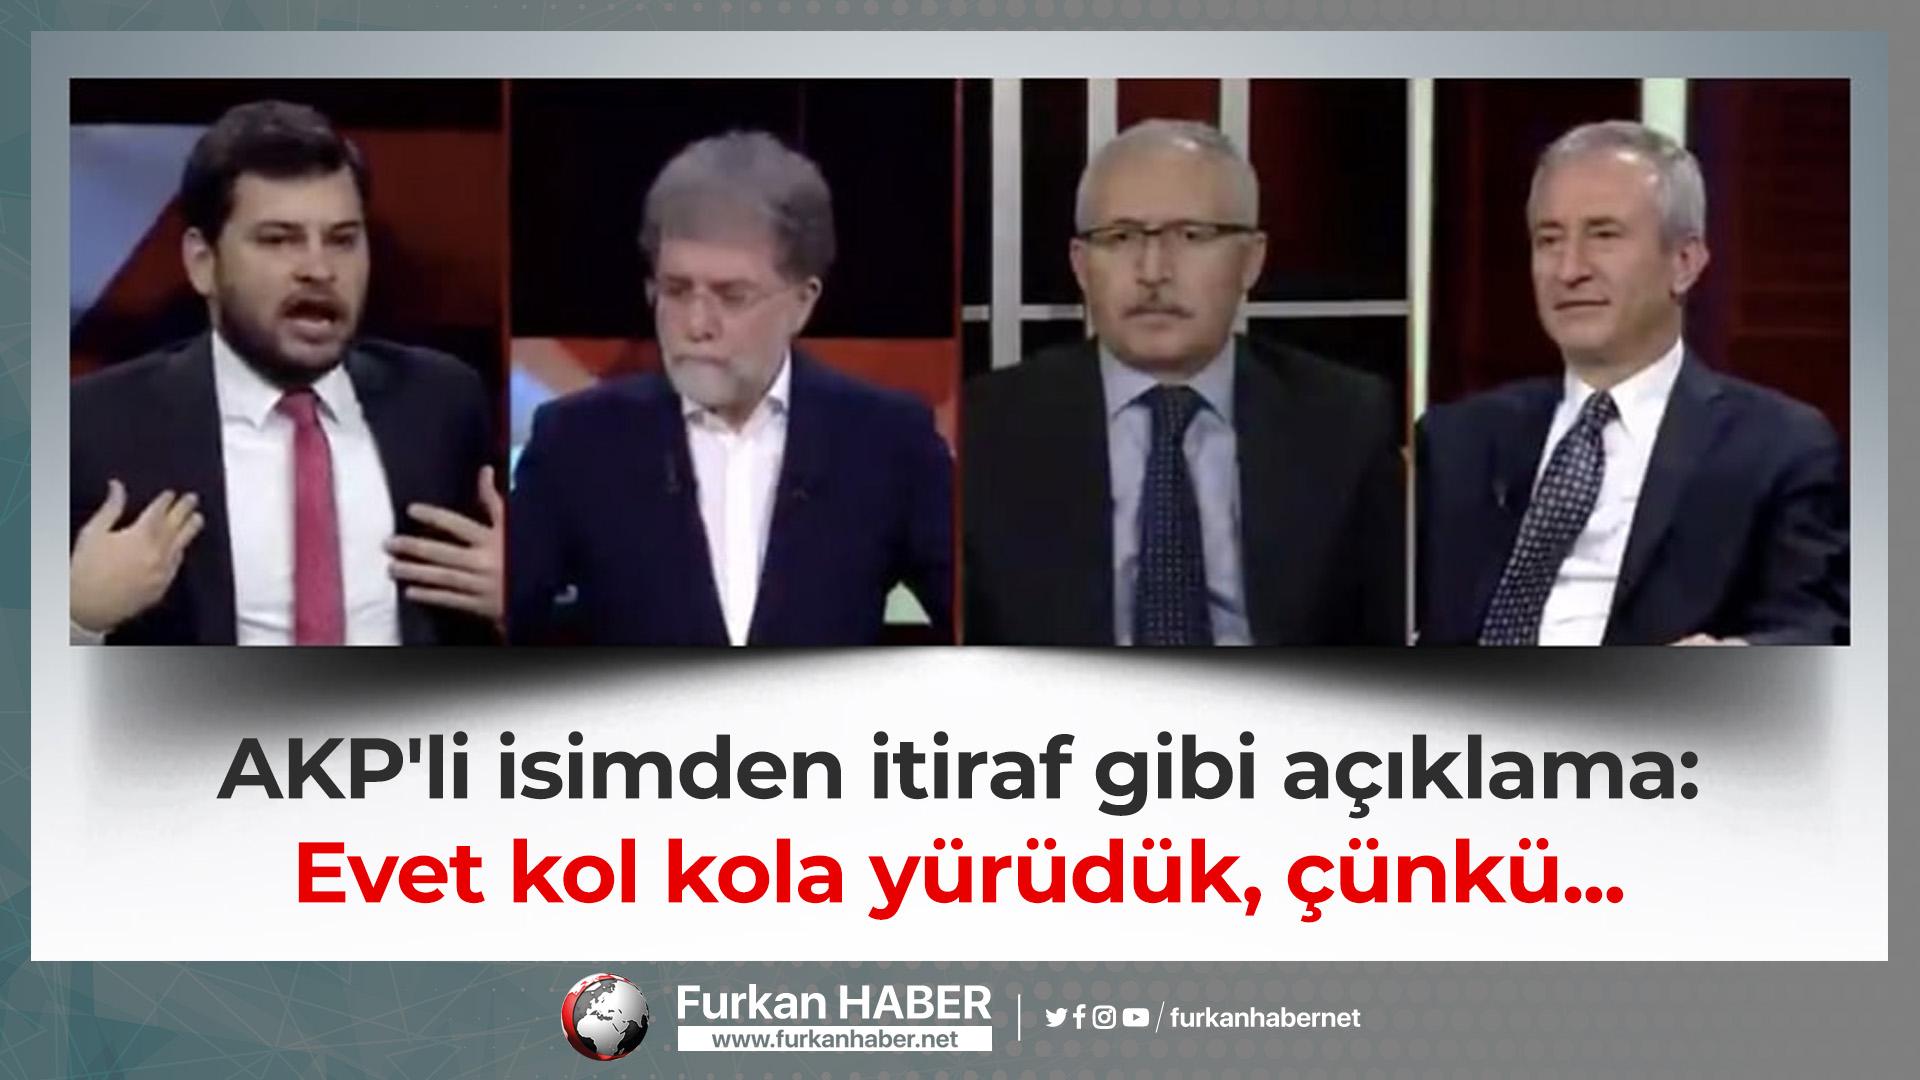 AKP'li isimden itiraf gibi açıklama: Evet kol kola yürüdük, çünkü...